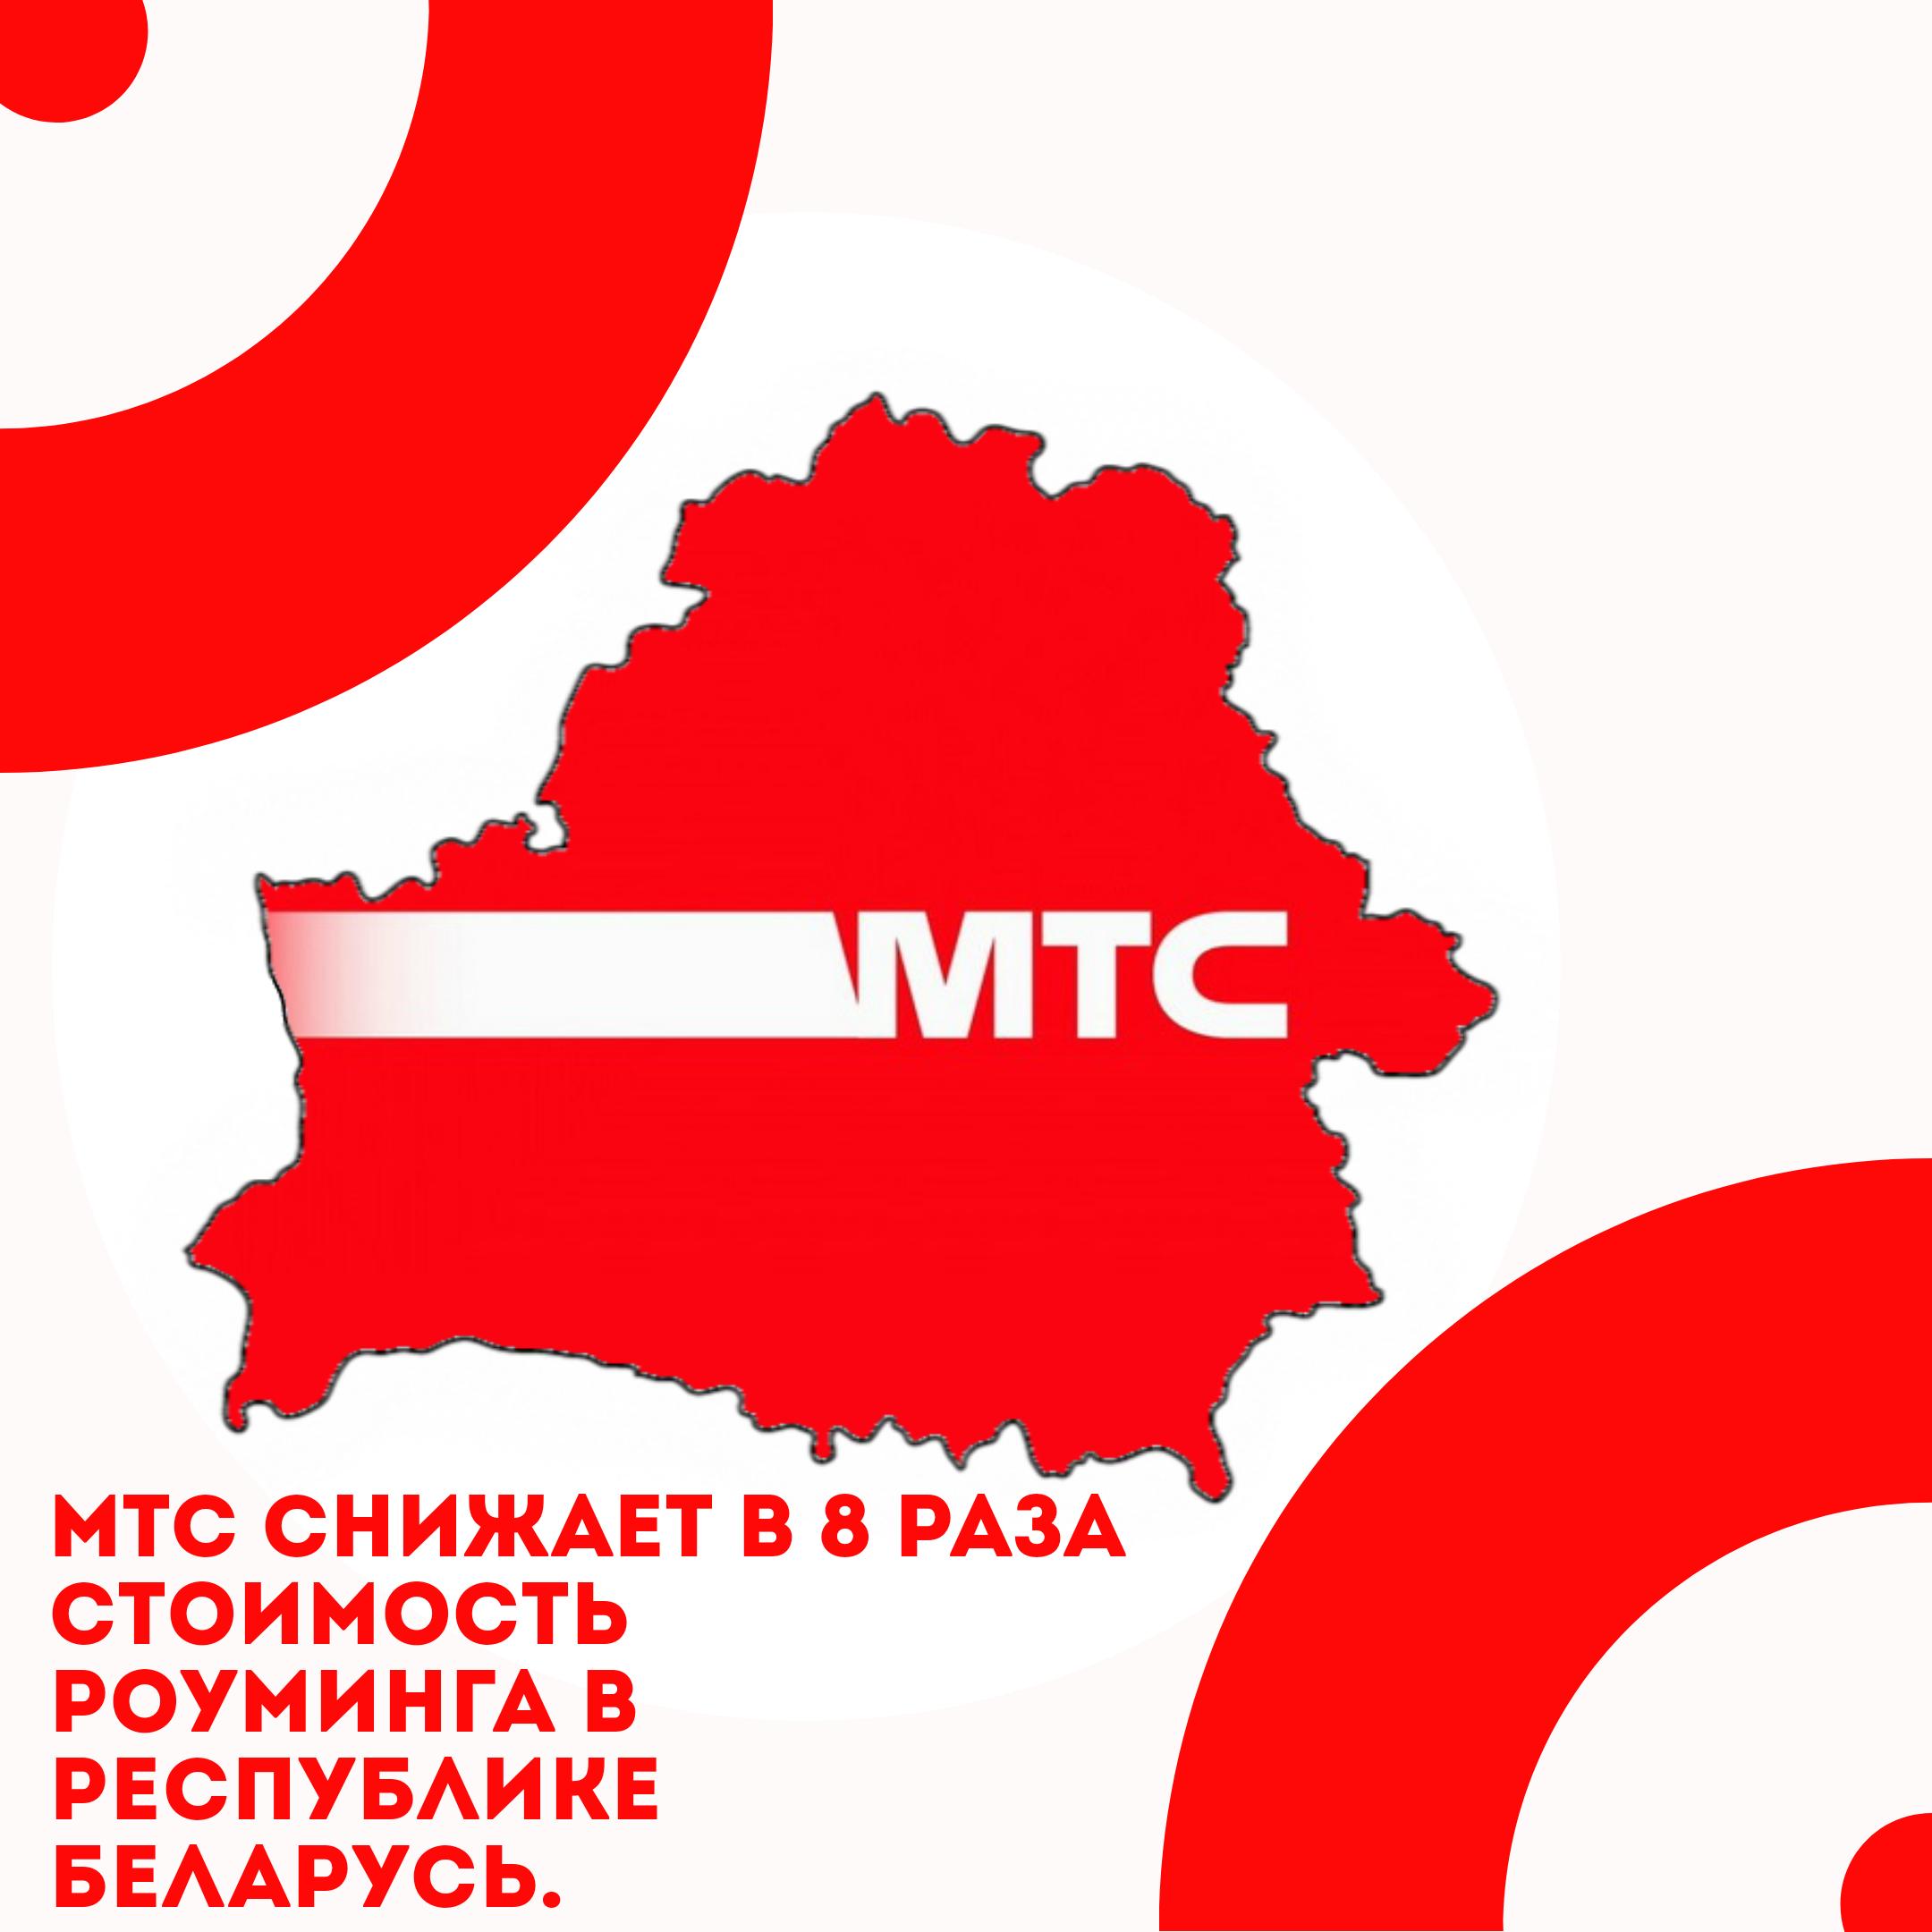 МТС снижает в 8 раз стоимость роуминга в Республике Беларусь 1